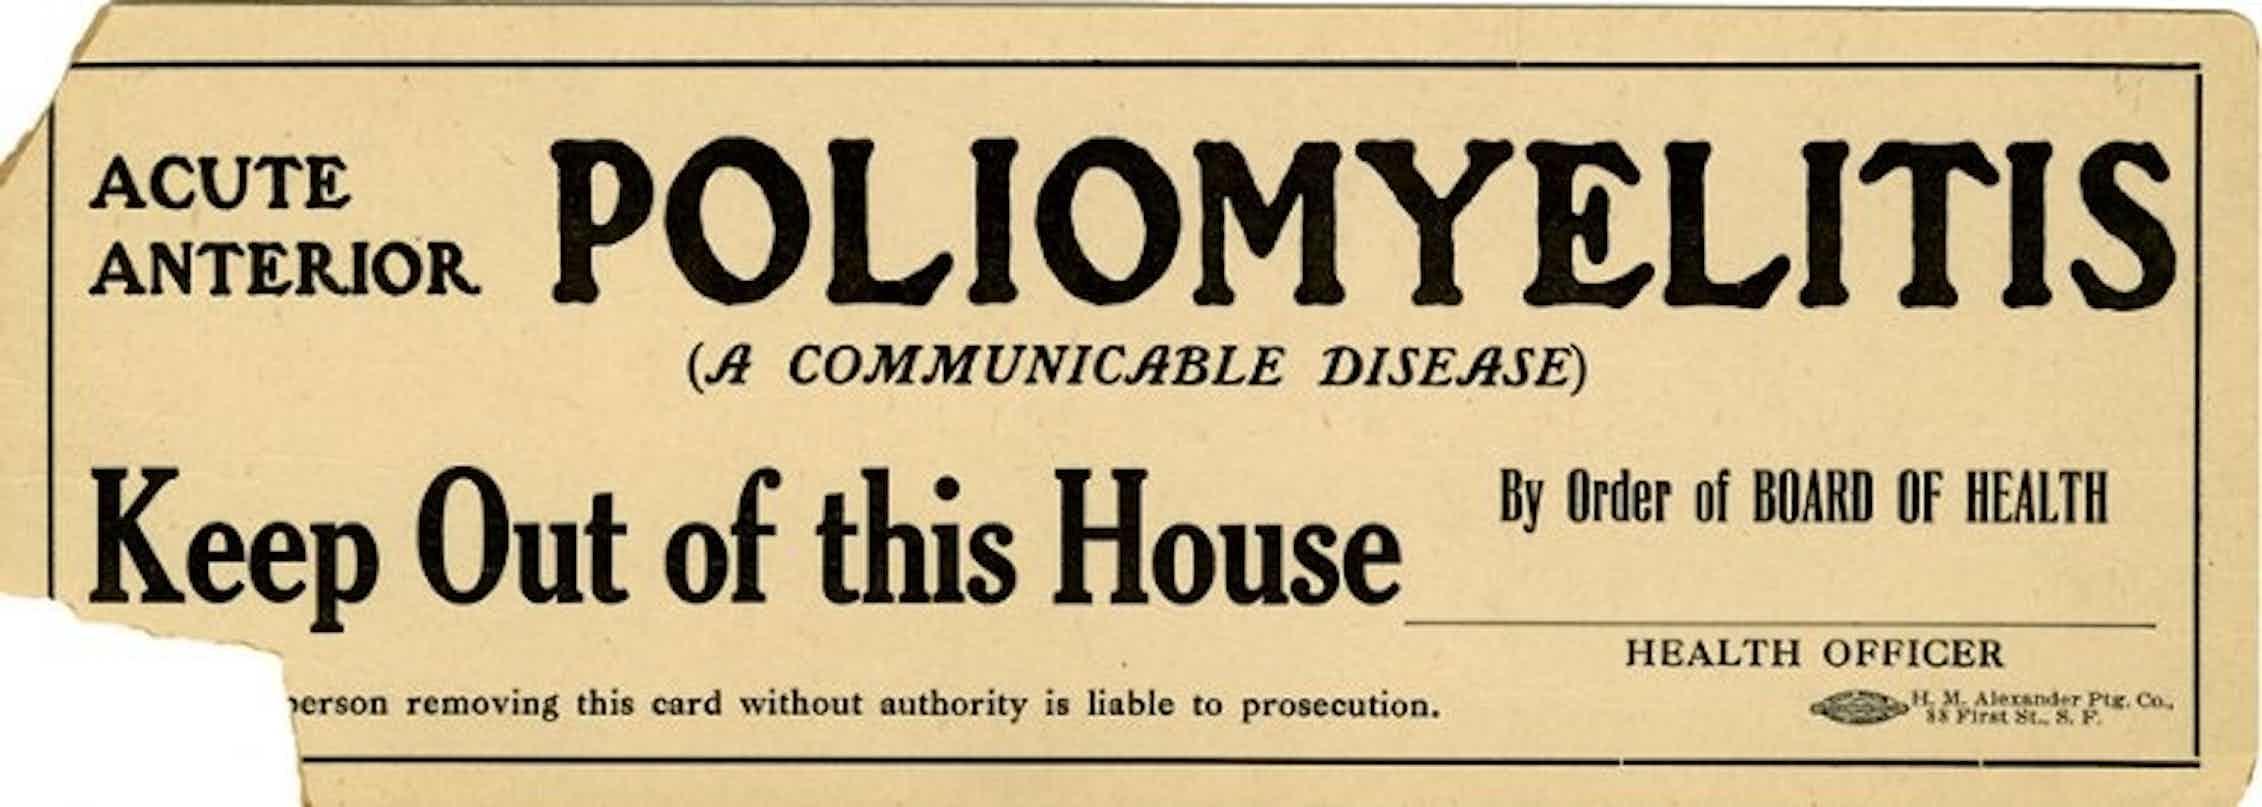 Una tarjeta de aviso de 1910 en la que las autoridades sanitarias de San Francisco (California) advierten de que un edificio está contaminado por la poliomielitis.Wikimedia Commons